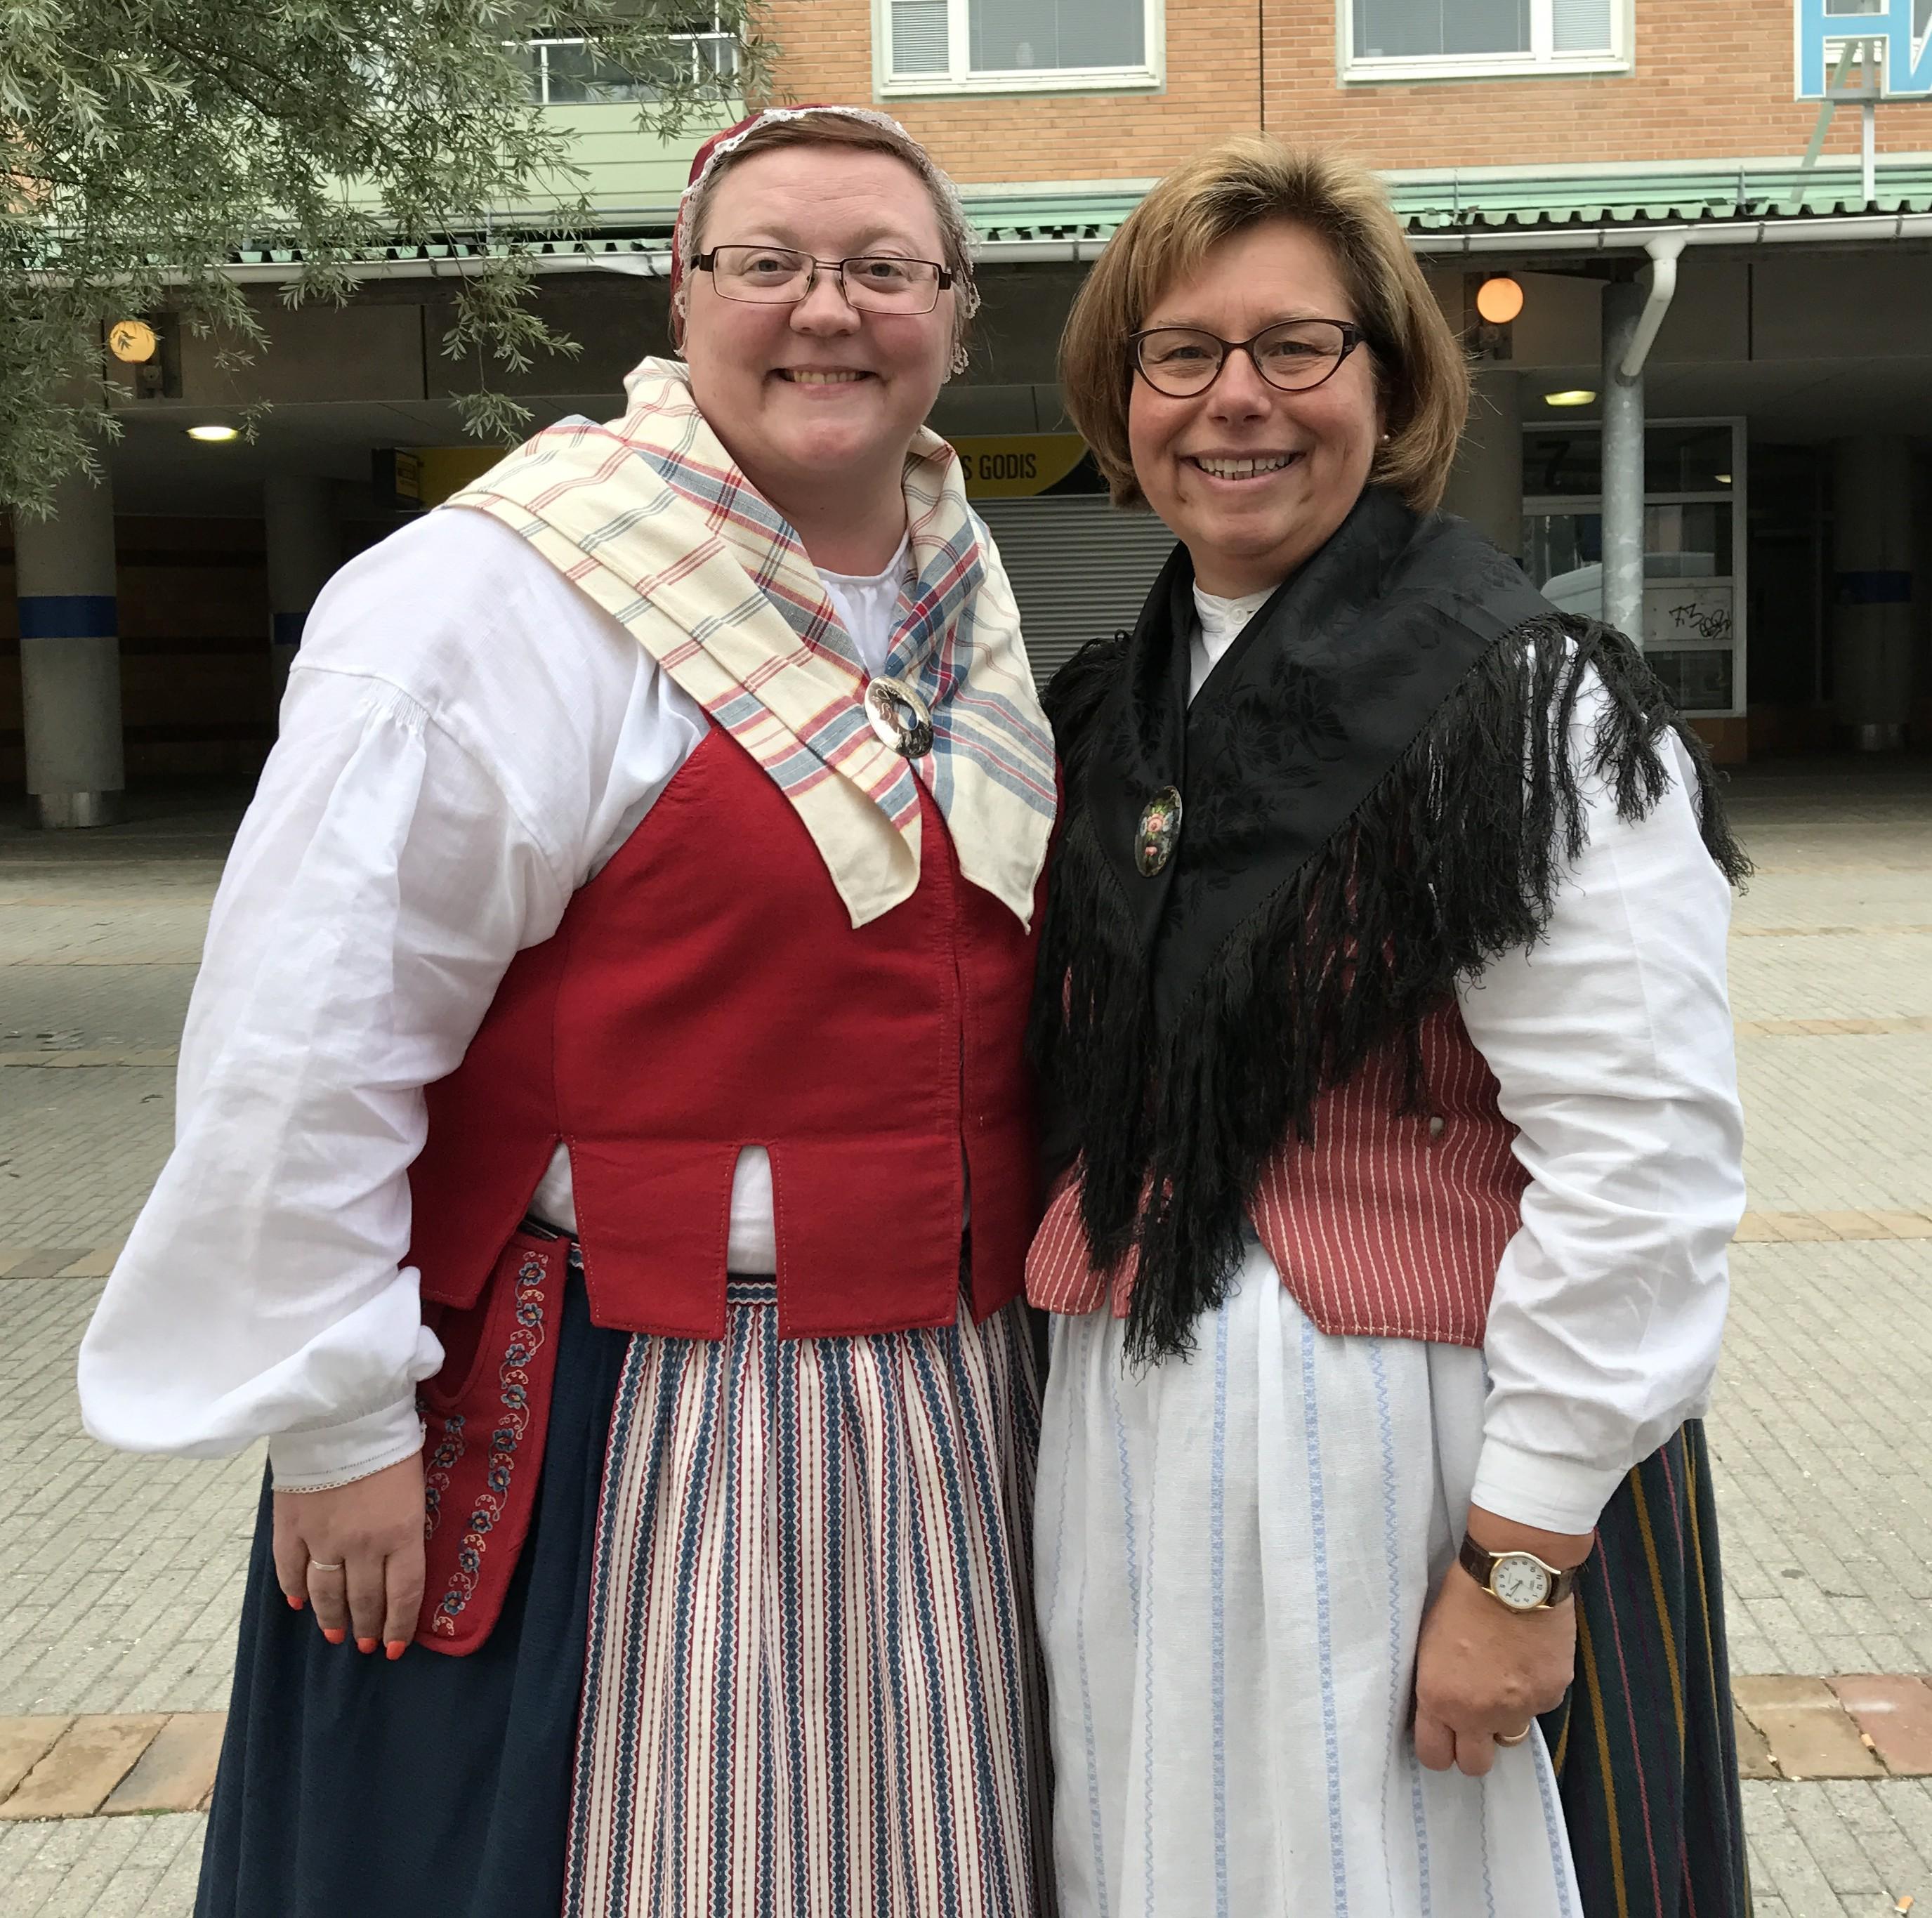 Meeri Wasberg, Socialdemokrat, och Elisabet Sandberg, Centerpartist, i våra fina dräkter